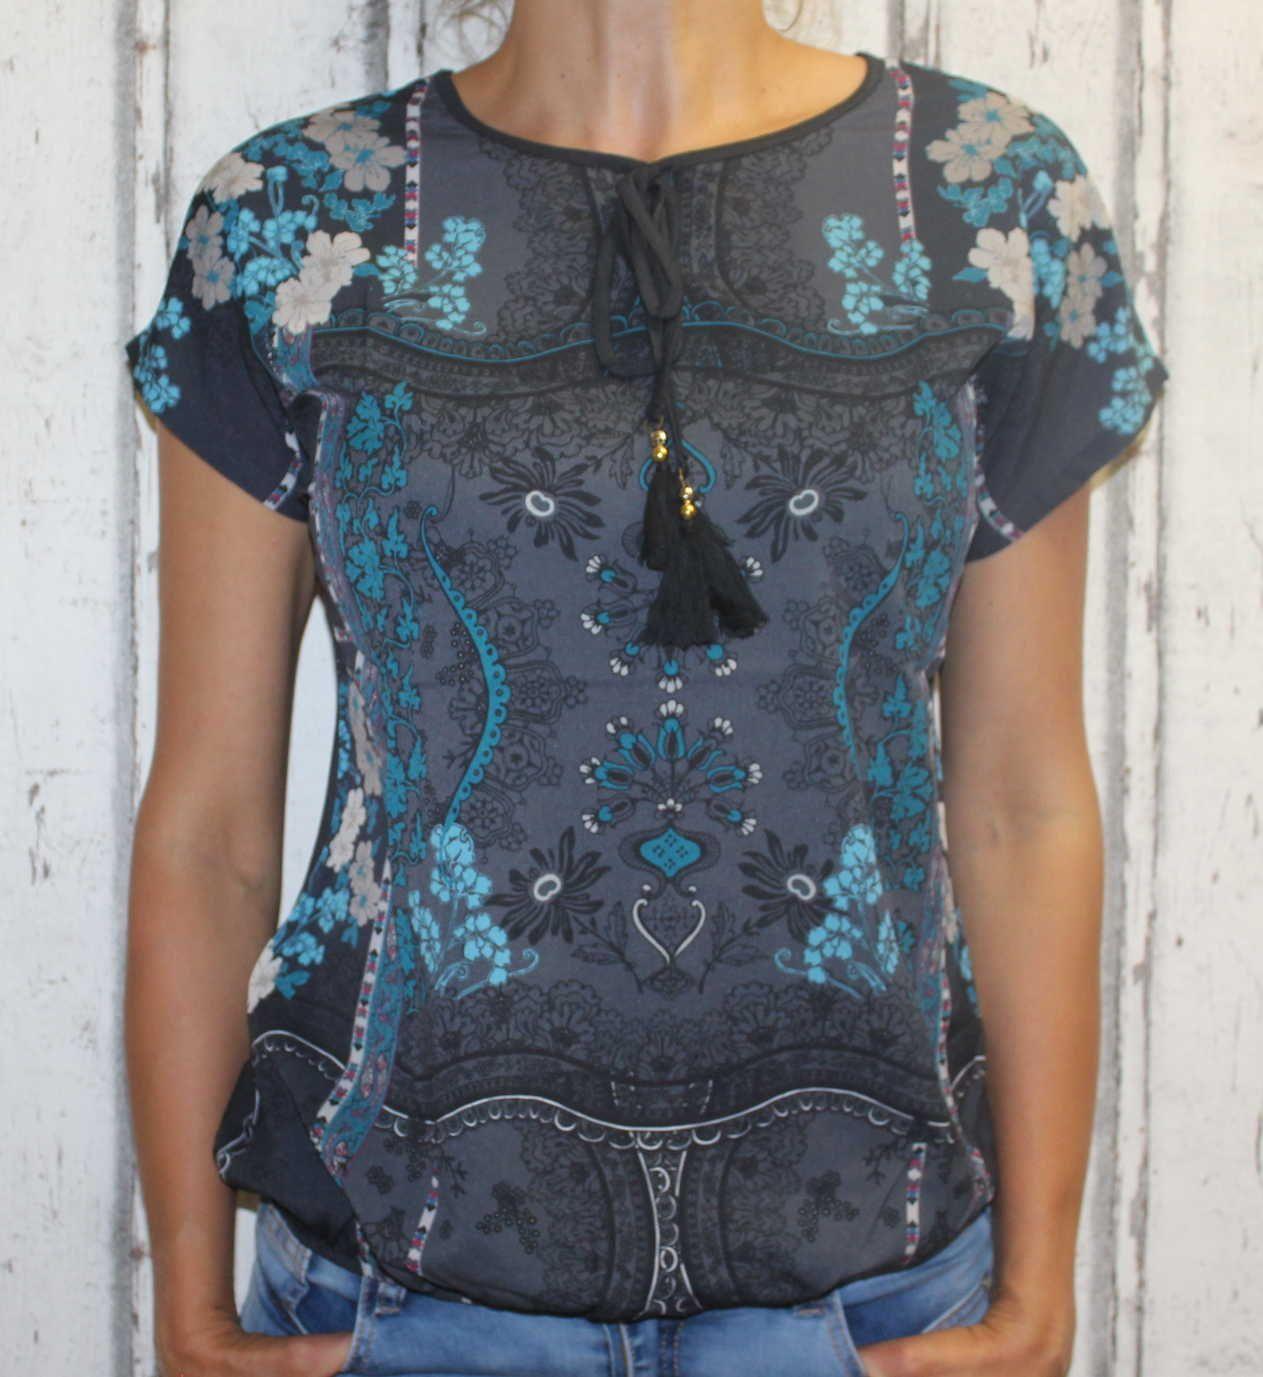 Dámské tričko volný střih dámská tunika dámská halenka dámská košile Turecko